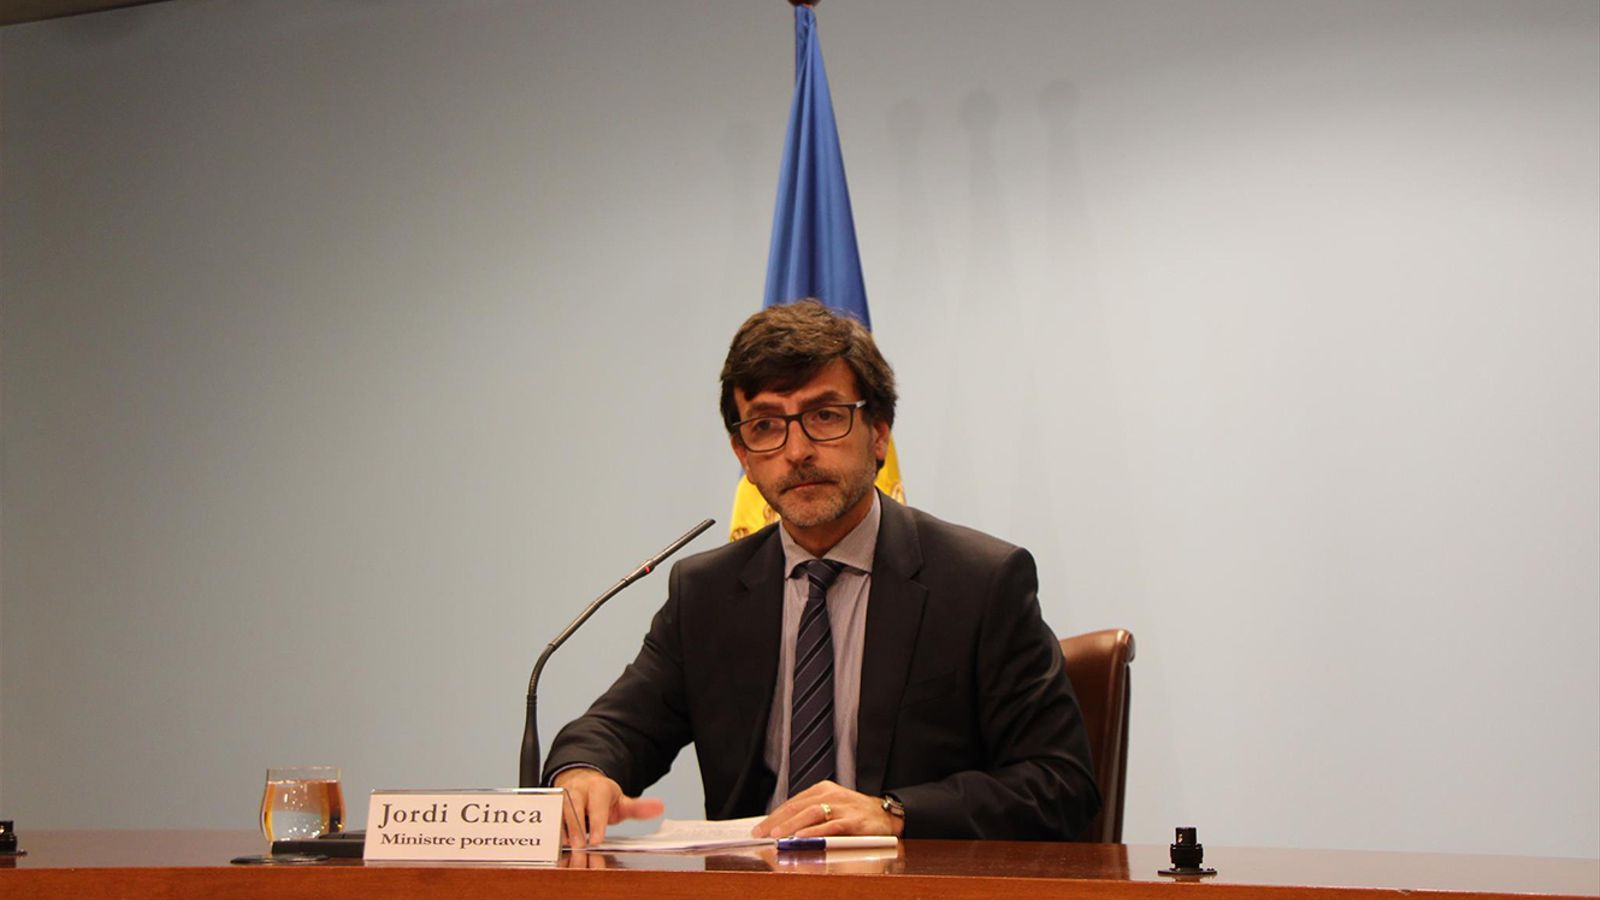 El ministre portaveu, Jordi Cinca, durant la roda de premsa d'aquest dimecres.